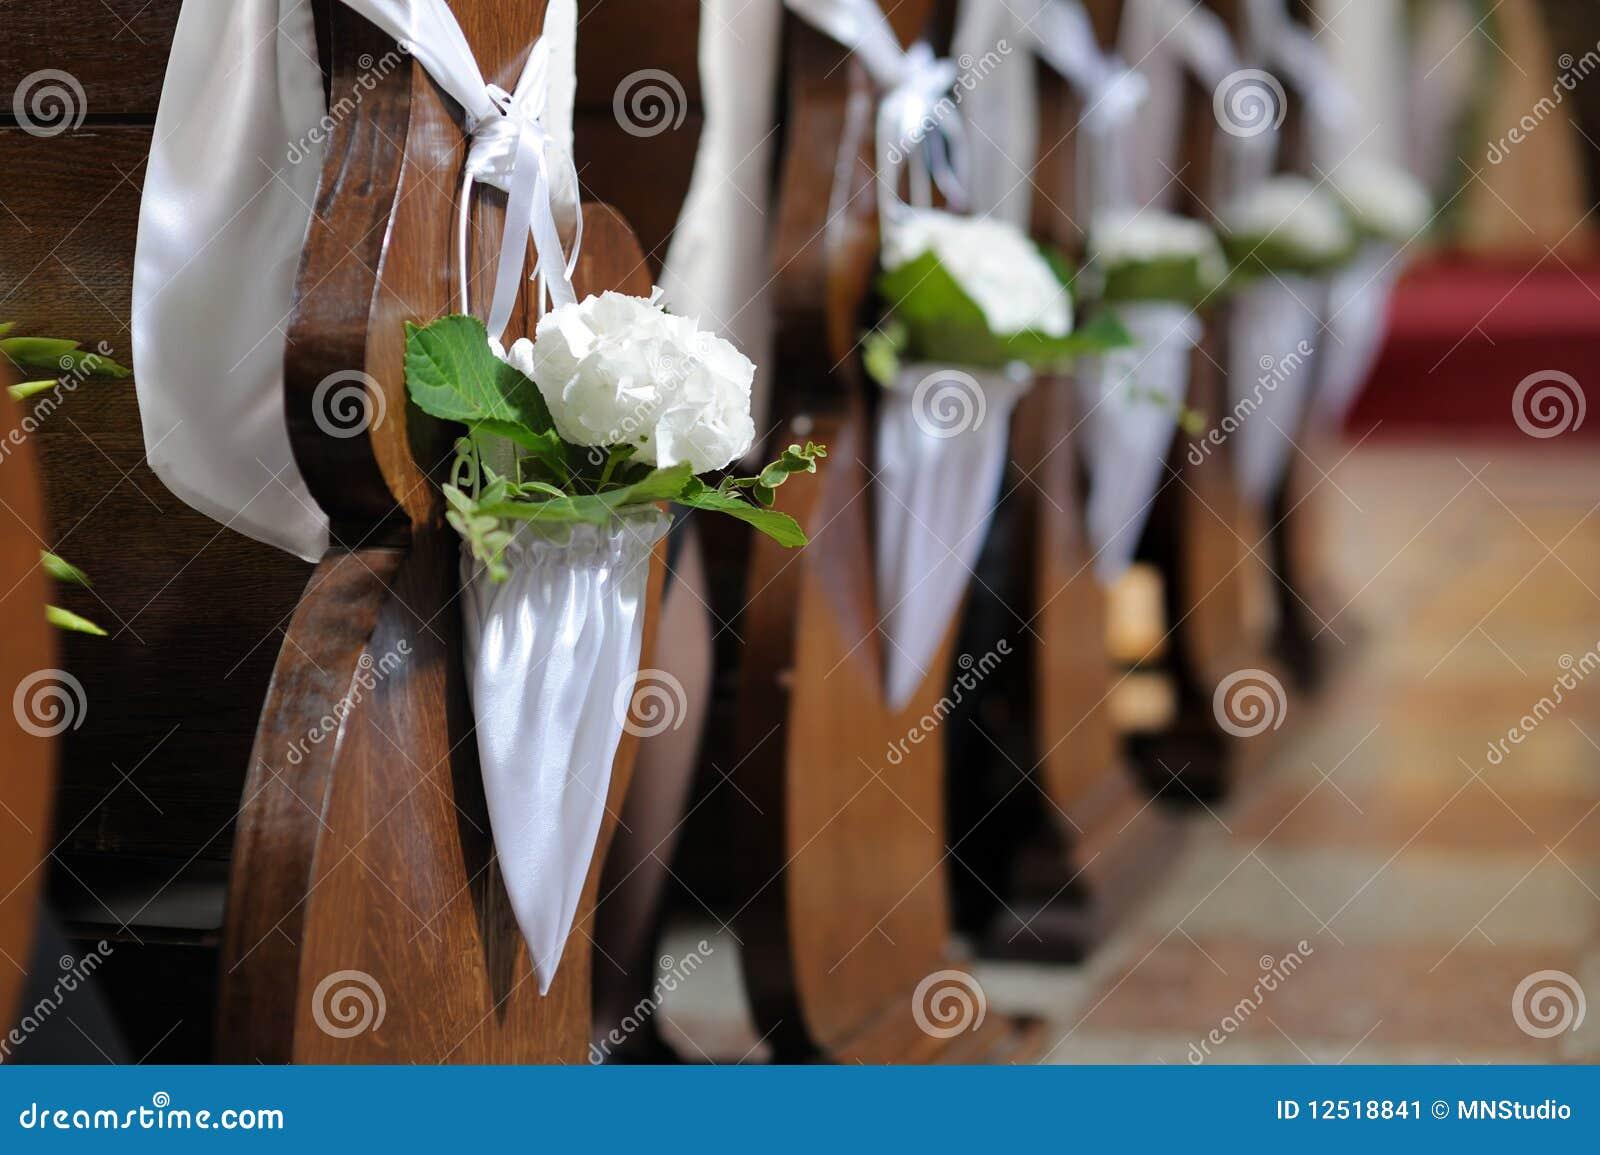 decoracao branca casamento:Decoração Do Casamento Da Flor Branca Imagem de Stock – Imagem